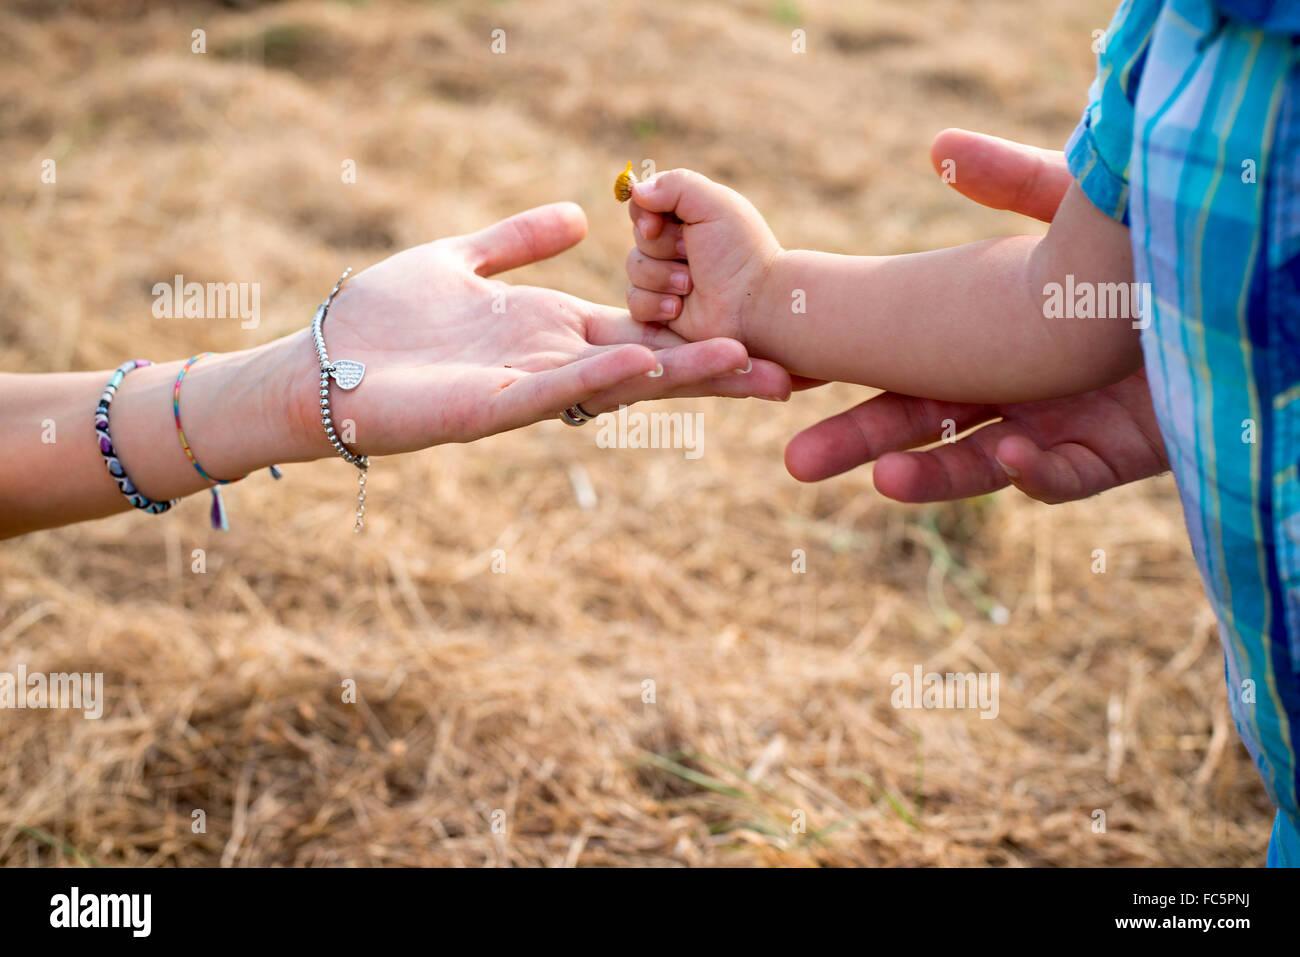 Pour atteindre parent Enfant dans le champ de la main Photo Stock